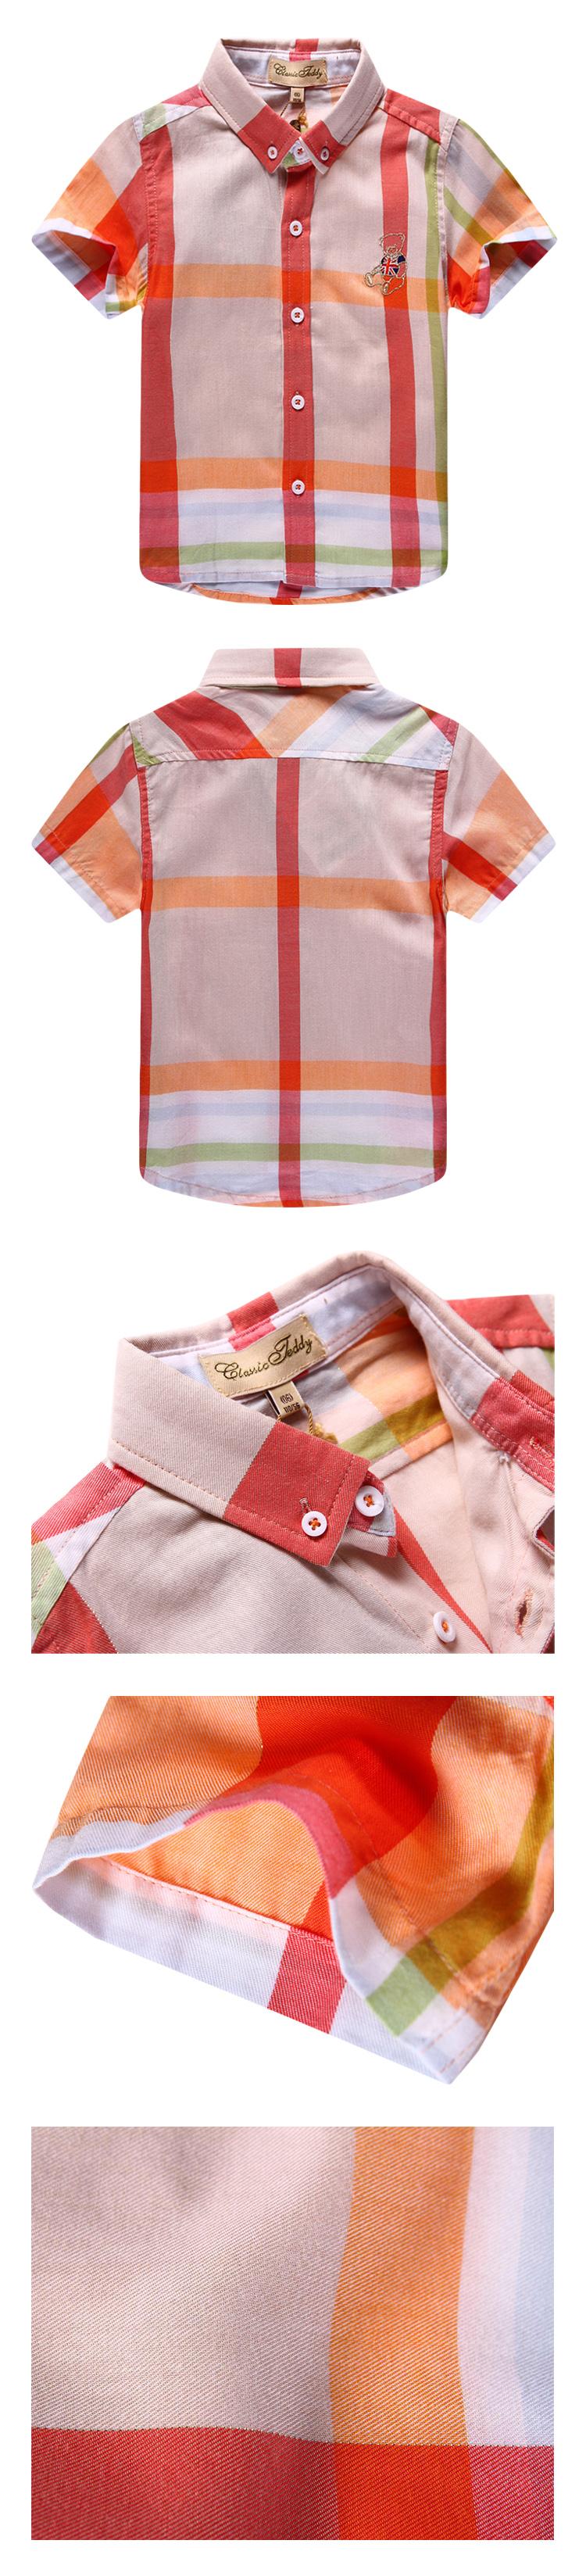 商品名称: 男橘色衬衫 商品分类: 儿童衬衫 产地: 上海 材质: 面料:主